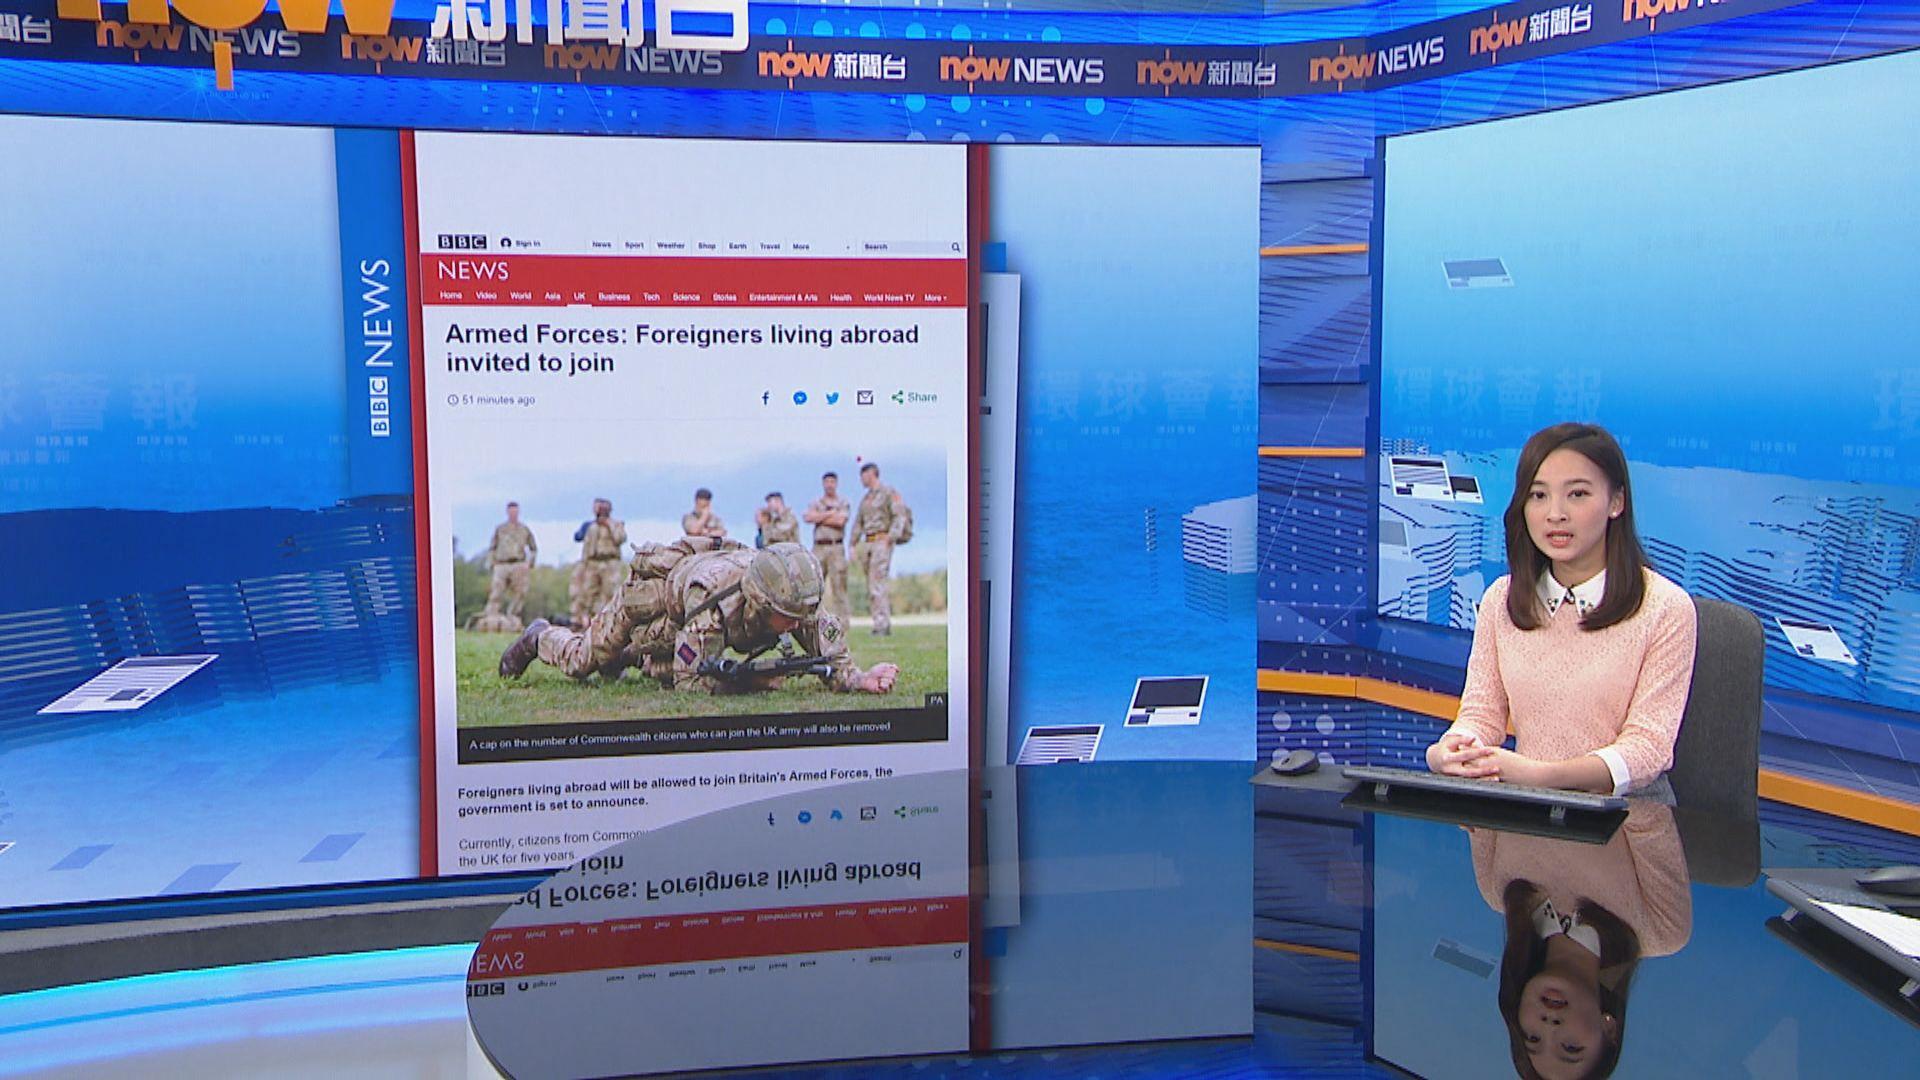 【環球薈報】英國開放英聯邦國家公民加入英軍